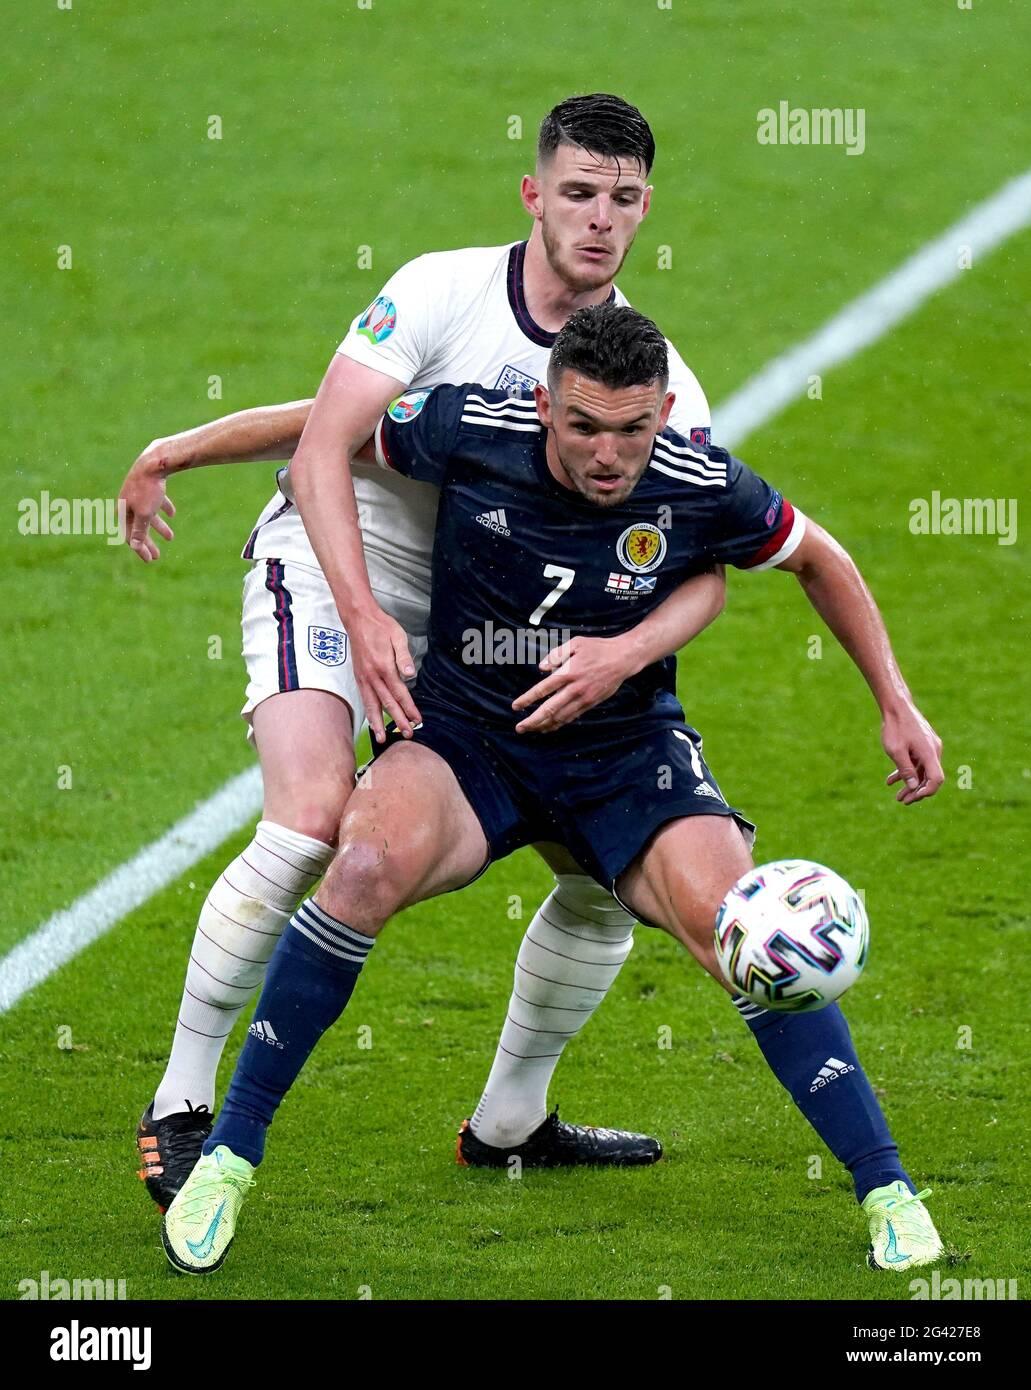 L'Inghilterra Declan Rice (a sinistra) e la Scozia John McGinn combattono per la palla durante la partita UEFA Euro 2020 Group D al Wembley Stadium di Londra. Data immagine: Venerdì 18 giugno 2021. Foto Stock